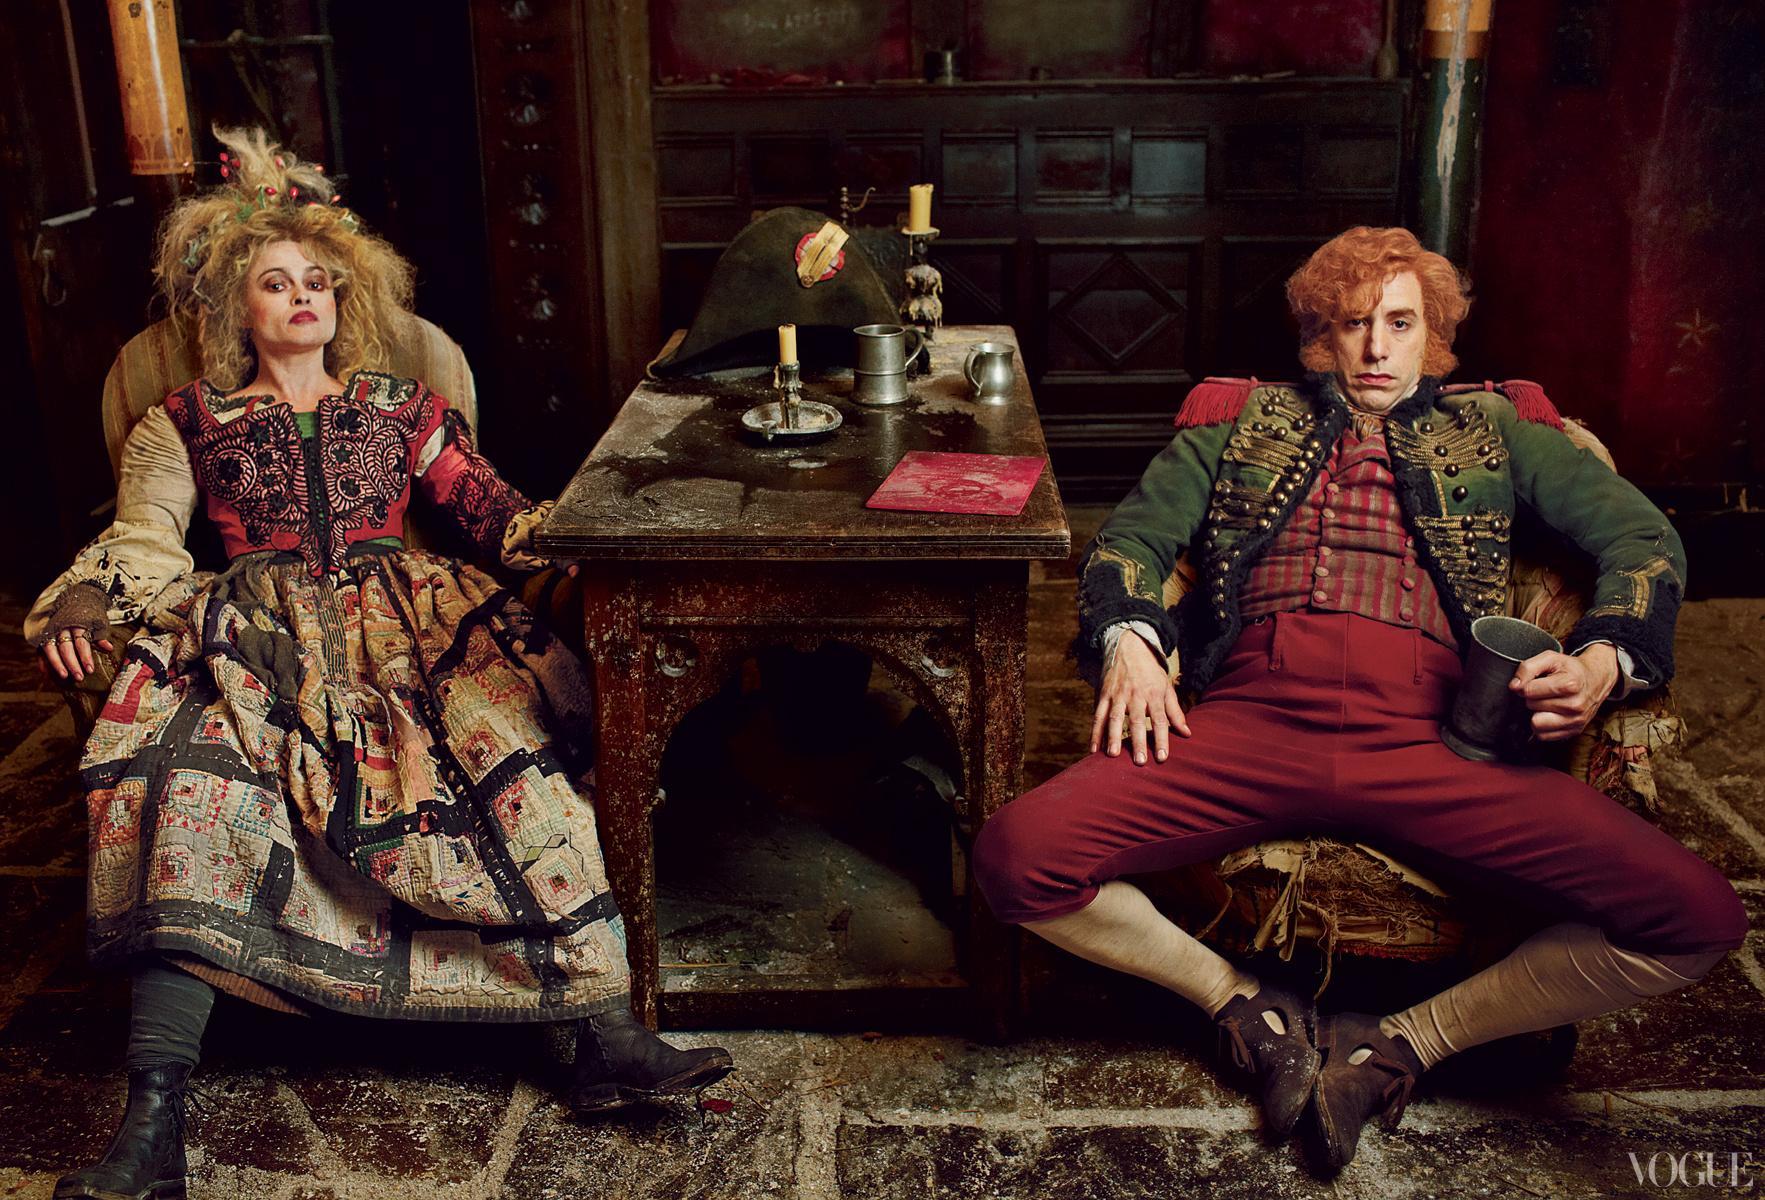 德纳第夫人(Madame Thénardier,海伦娜·伯汉姆·卡特饰演)和德纳第先生(Thénardier,萨沙·拜伦·科恩饰演)